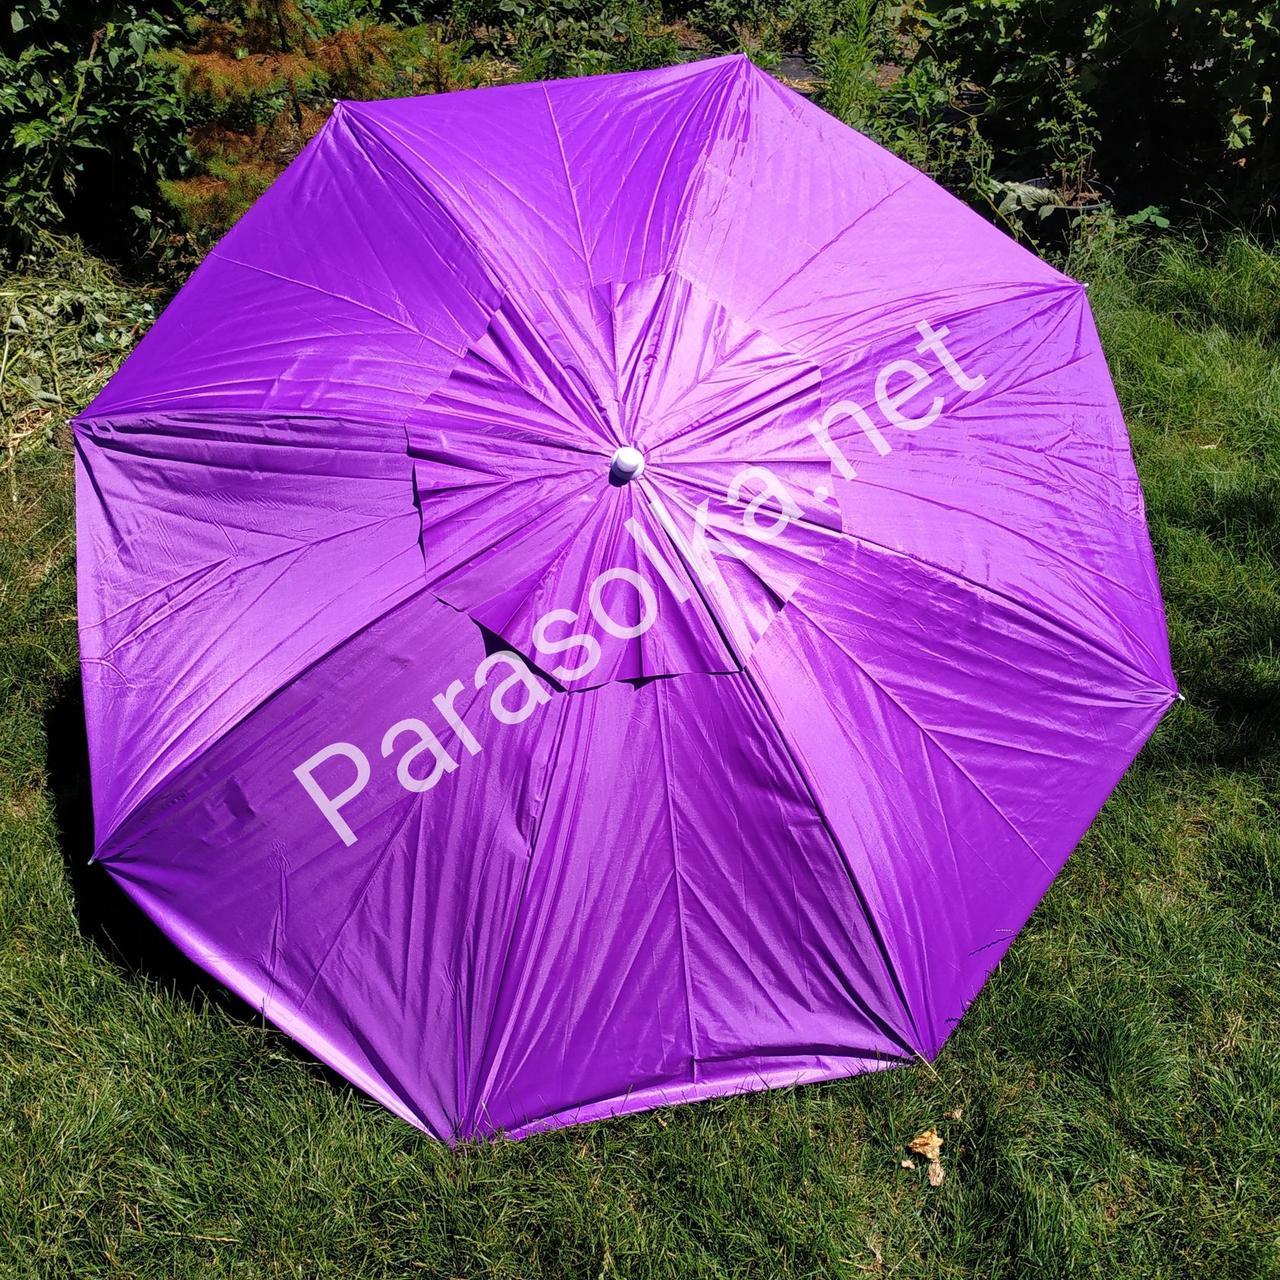 Пляжный зонт фиолетовый  1,8 метра усиленный